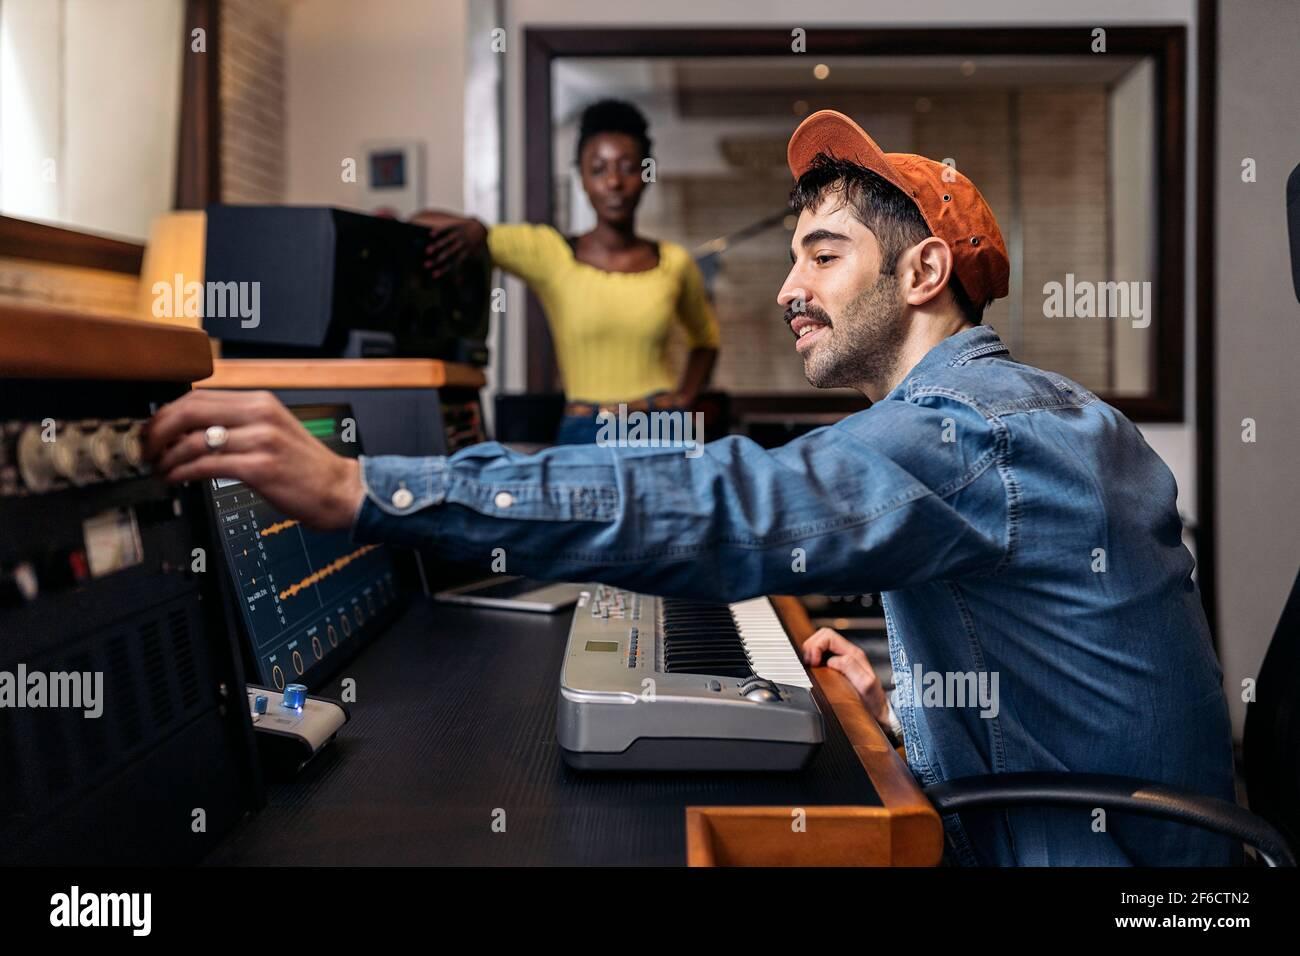 Photo de la bonne femme noire en studio de musique et producteur de sexe masculin utilisant un clavier de piano électronique. Banque D'Images